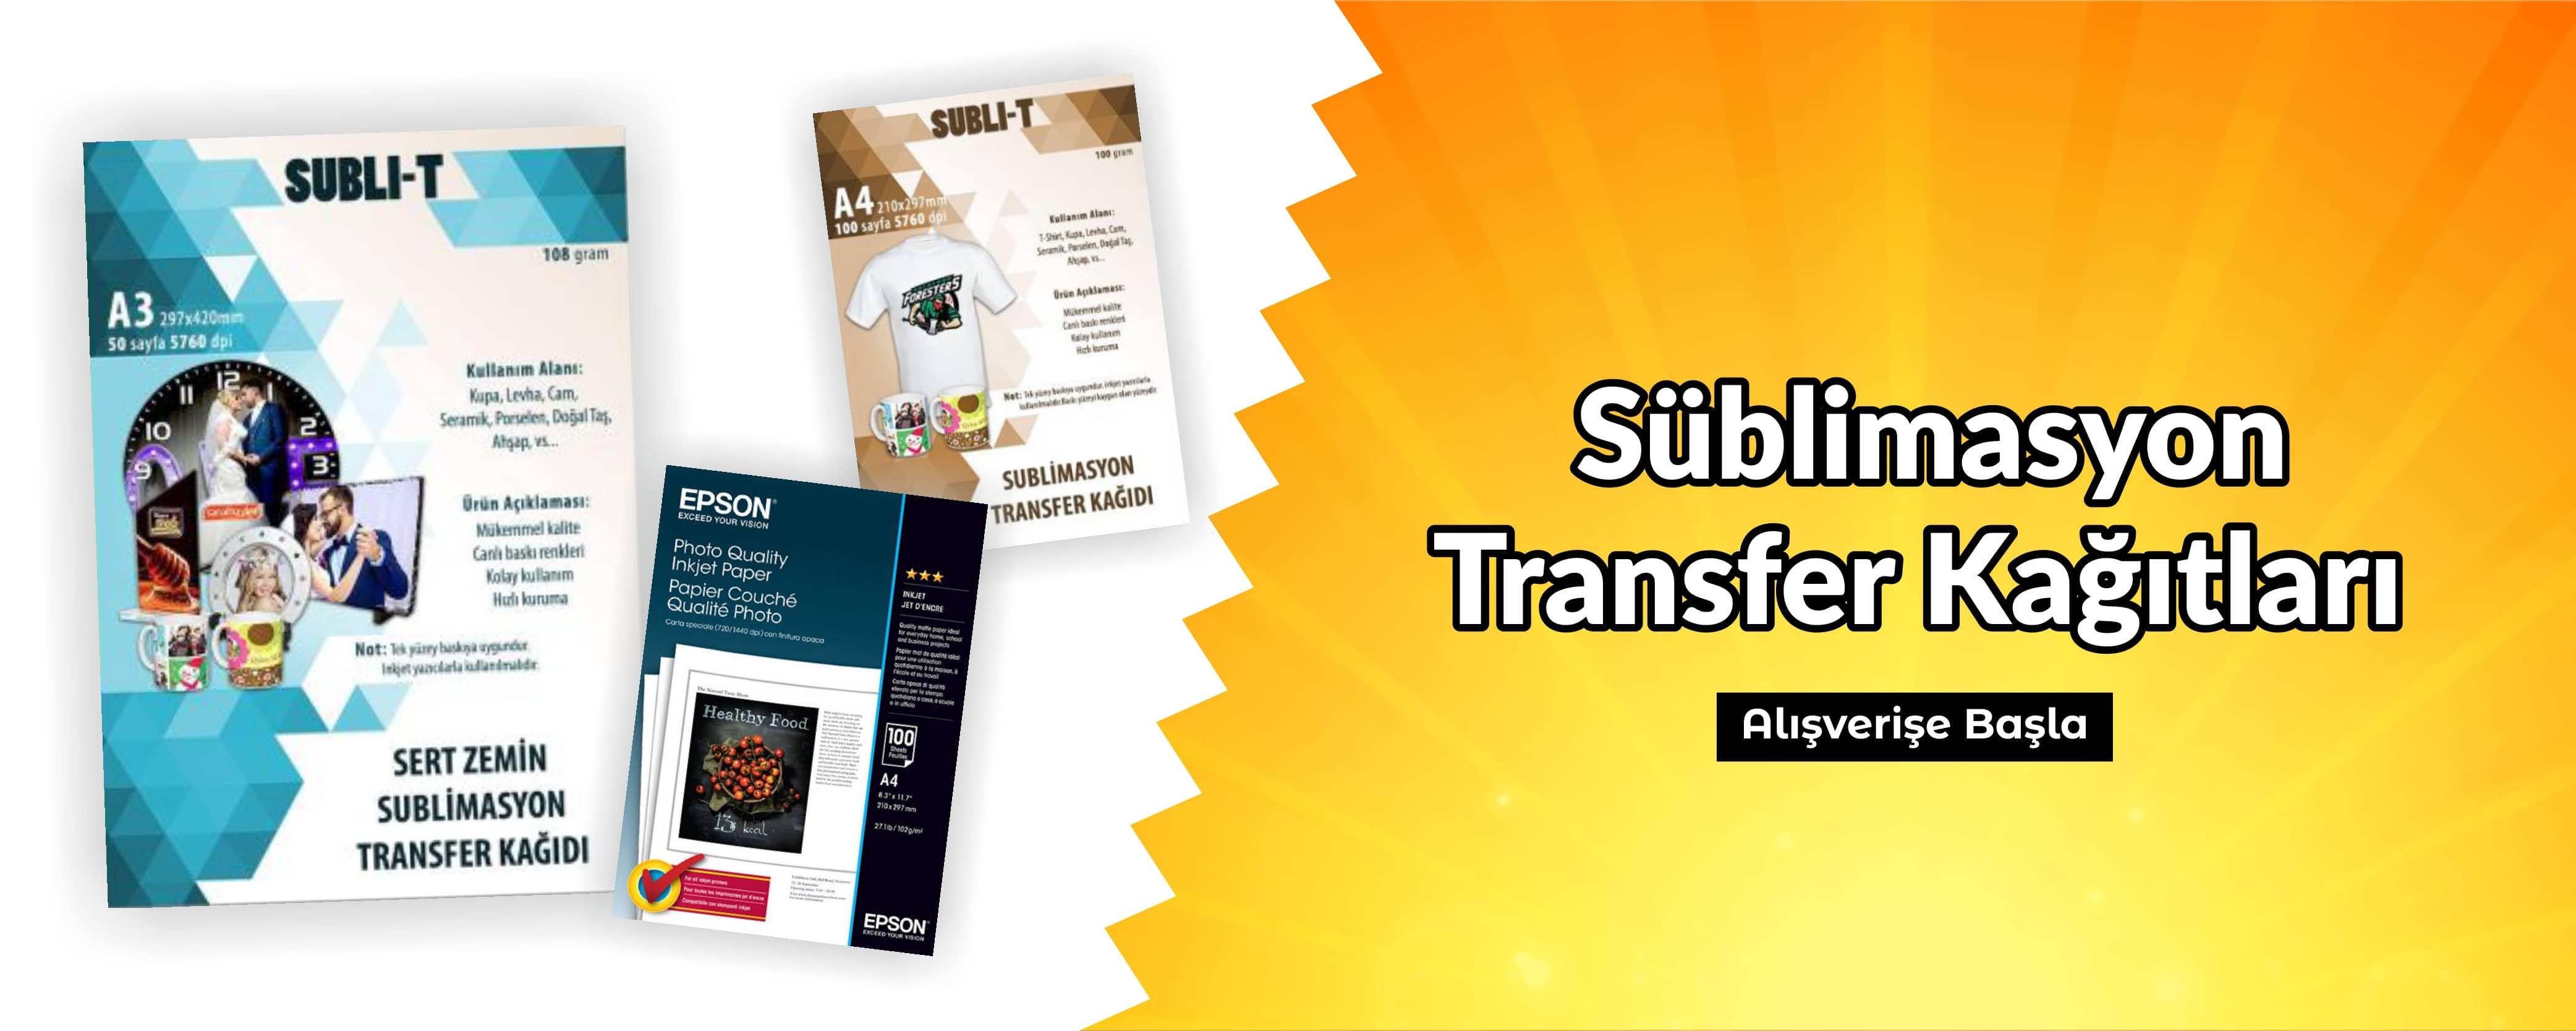 Süblimasyon Transfer Kağıtları